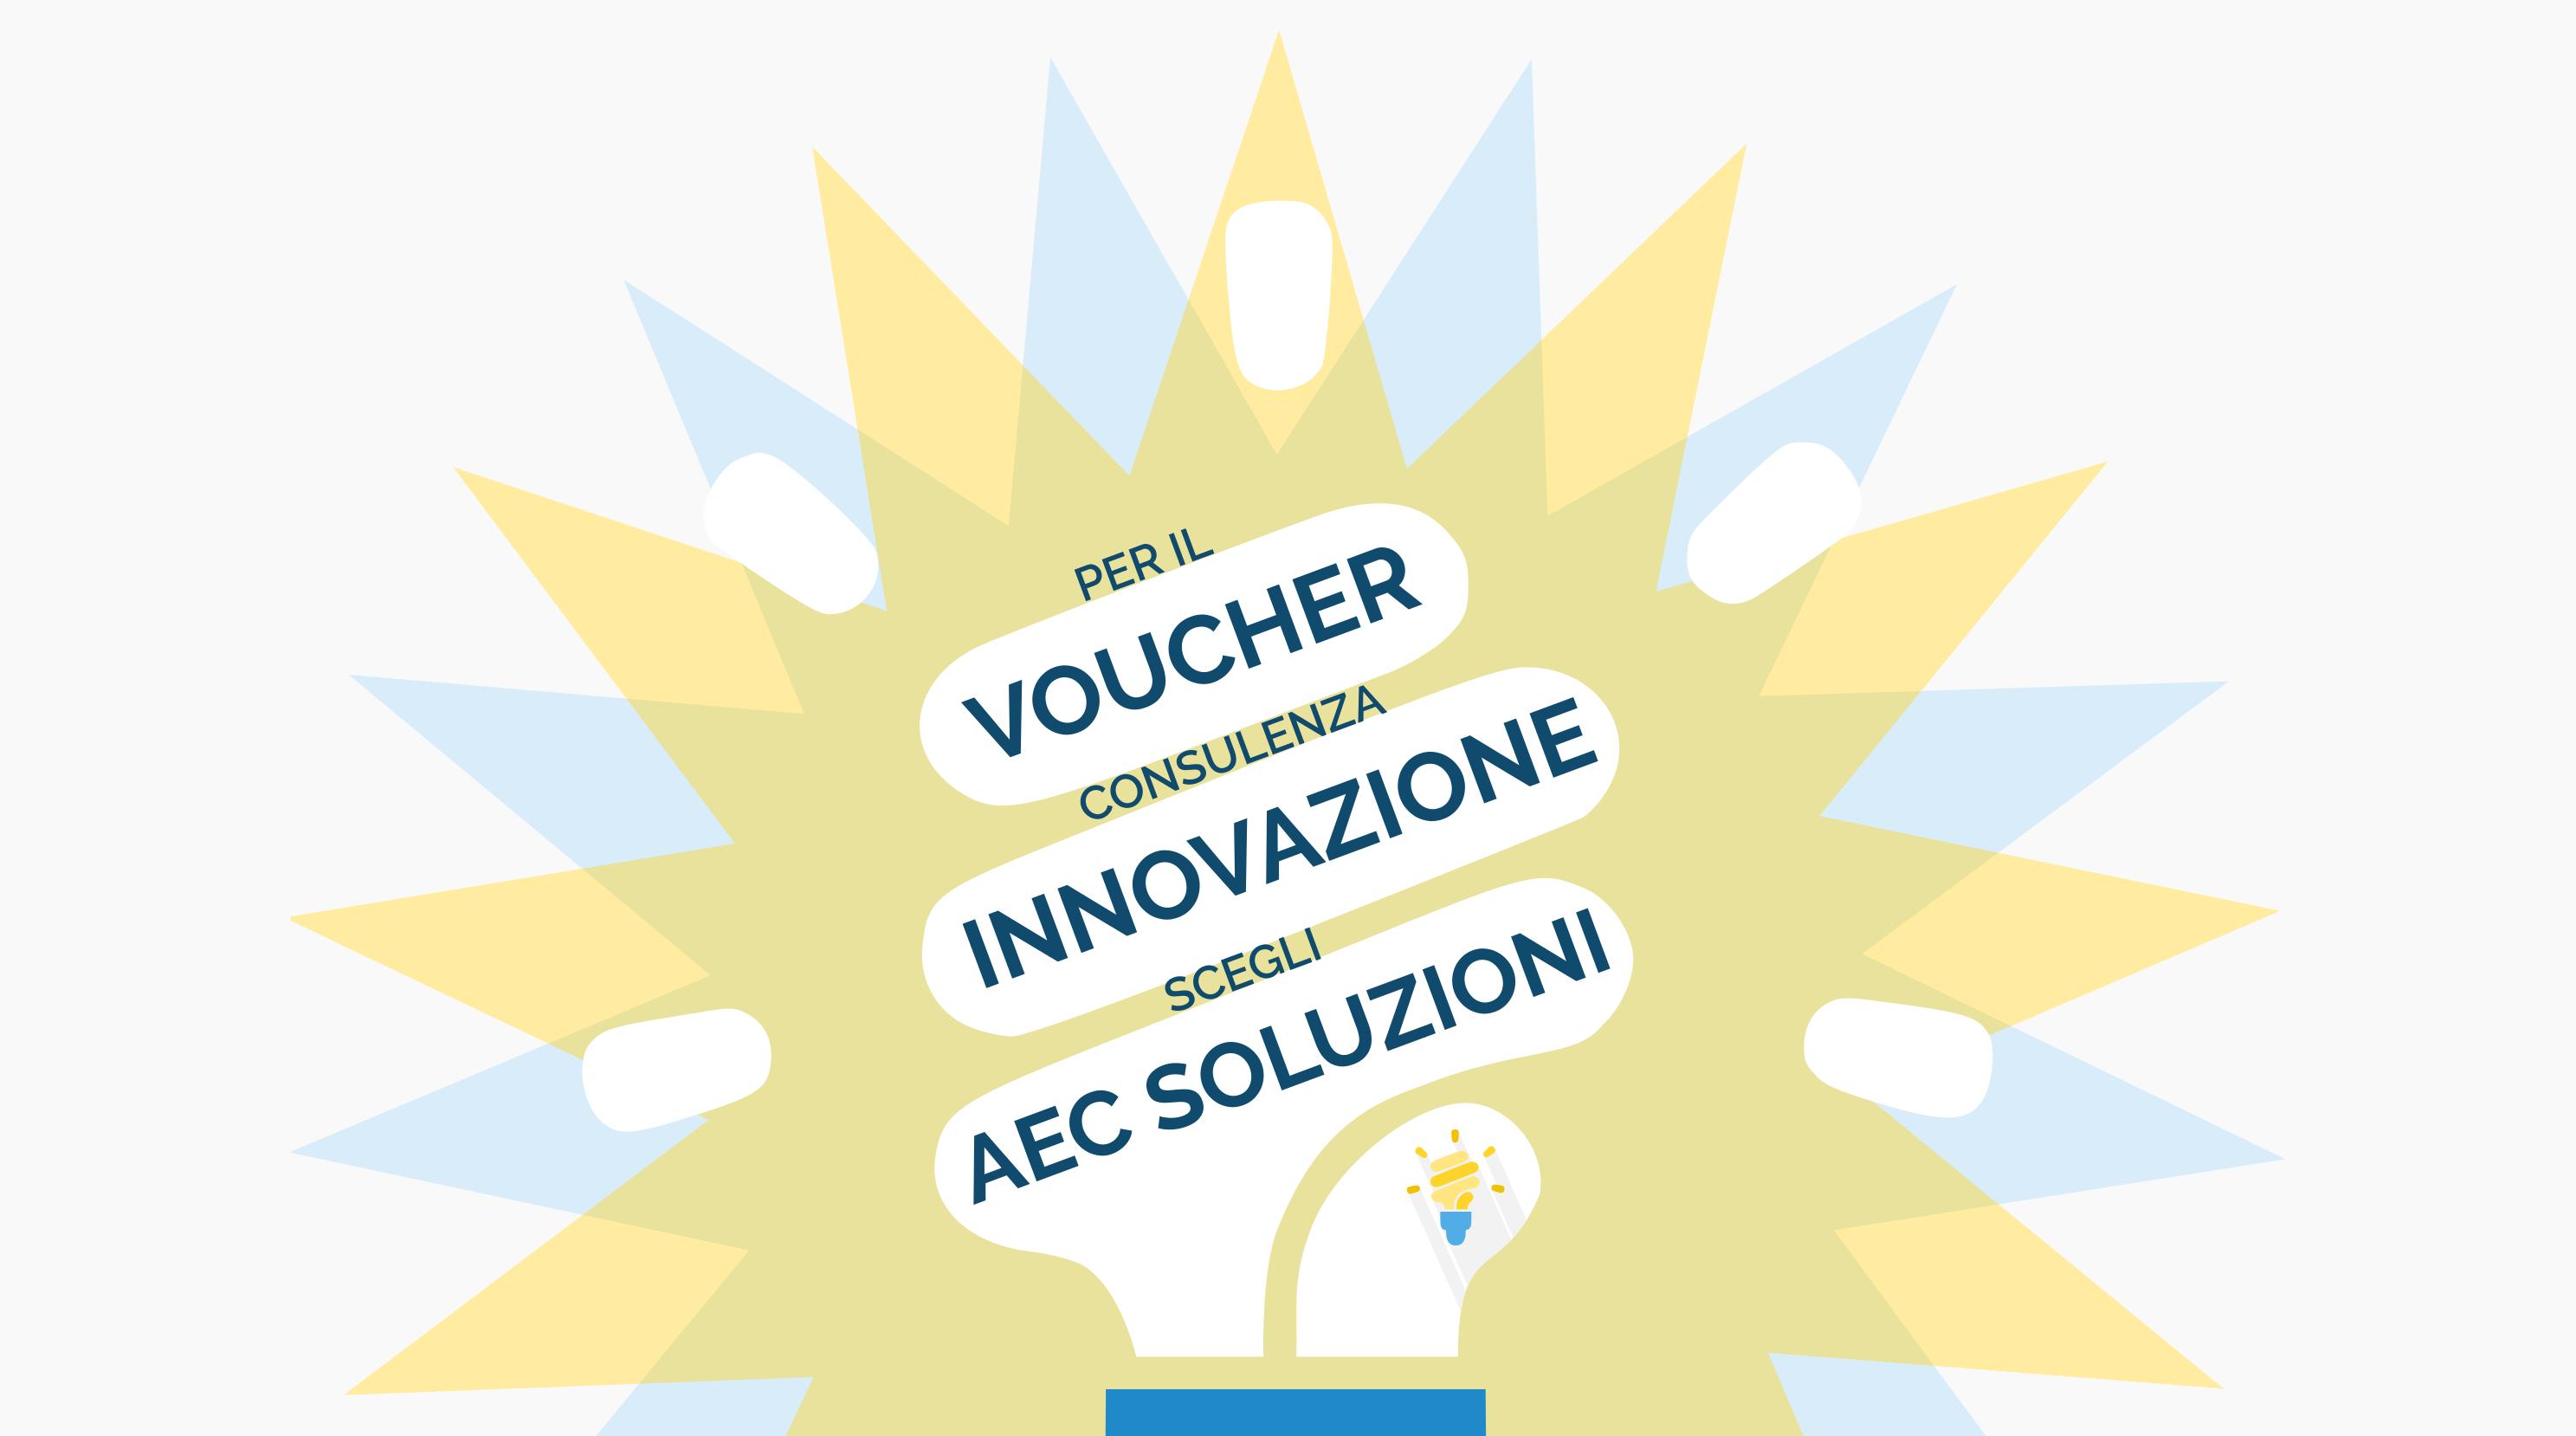 AEC Soluzioni Innovation Manager Industria 4.0